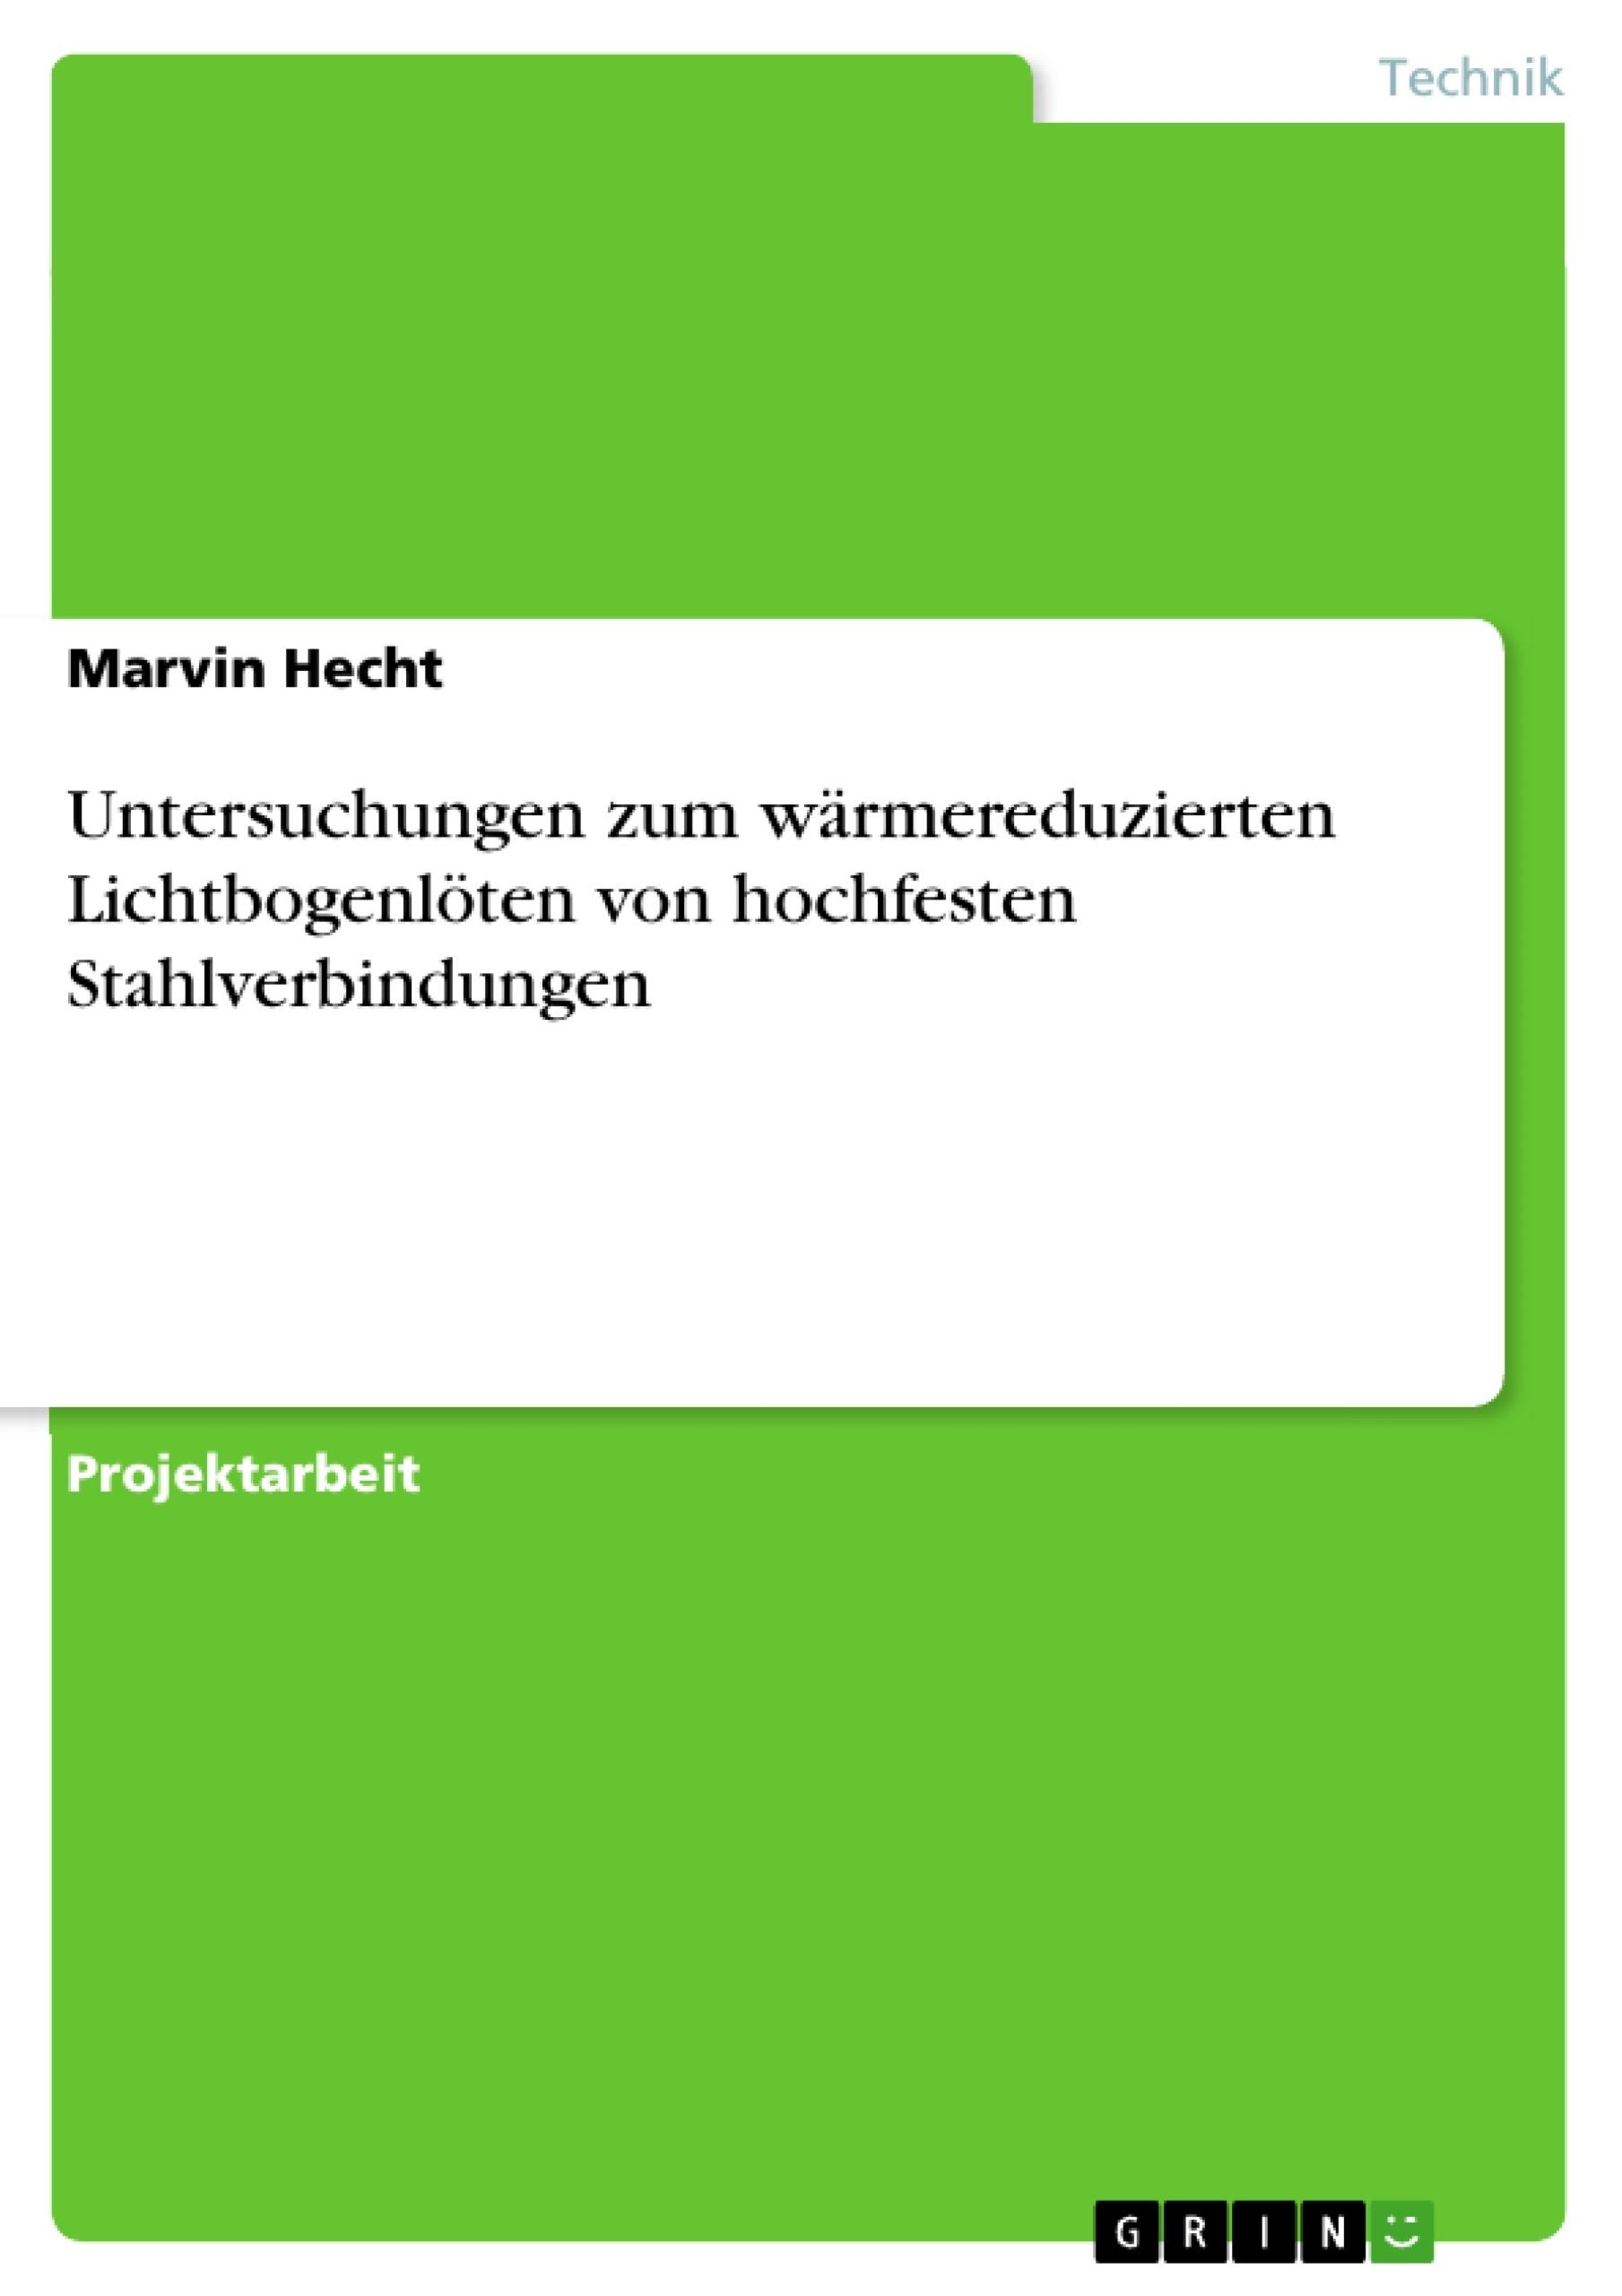 Titel: Untersuchungen zum wärmereduzierten Lichtbogenlöten von hochfesten Stahlverbindungen